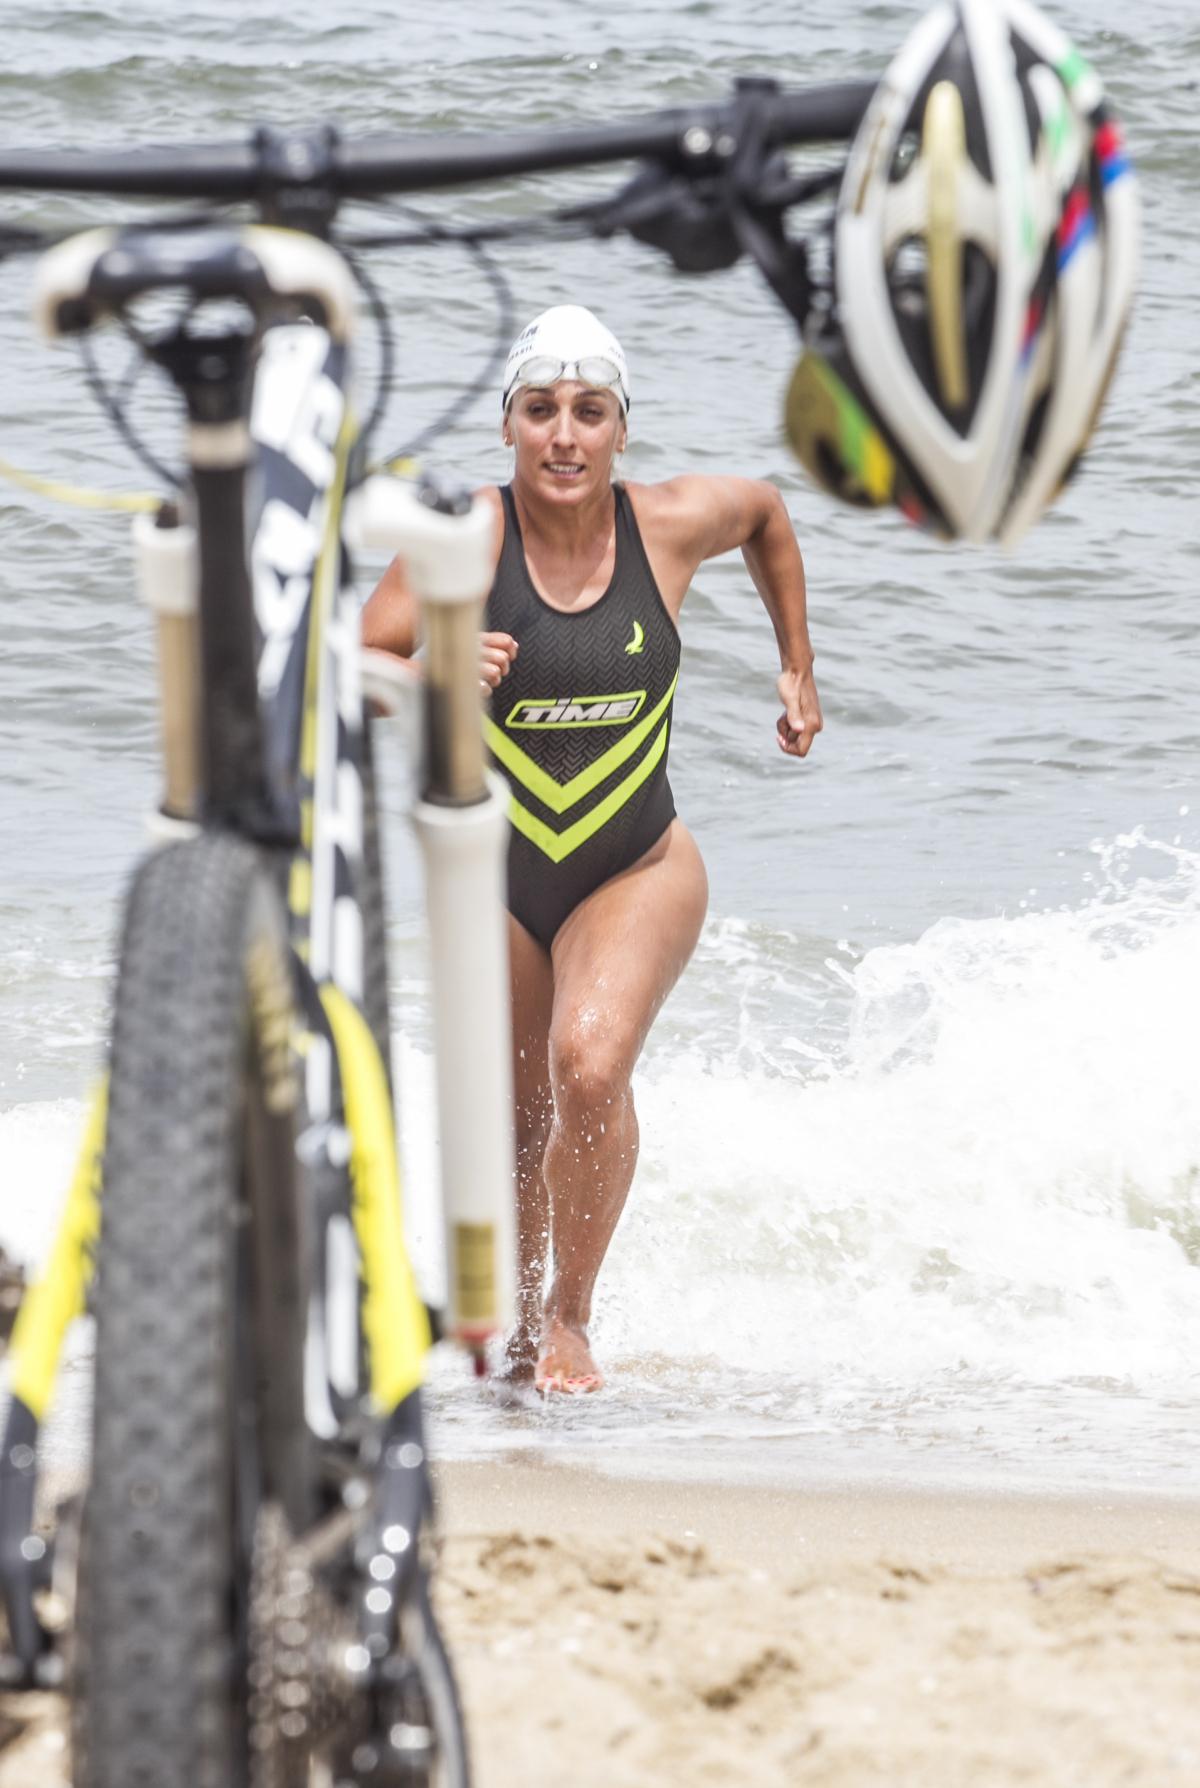 Triatleta e coach de triatlo Mariana Borges de Andrade dá boas indicações para manter o treino em dia - Marco Santiago/ND